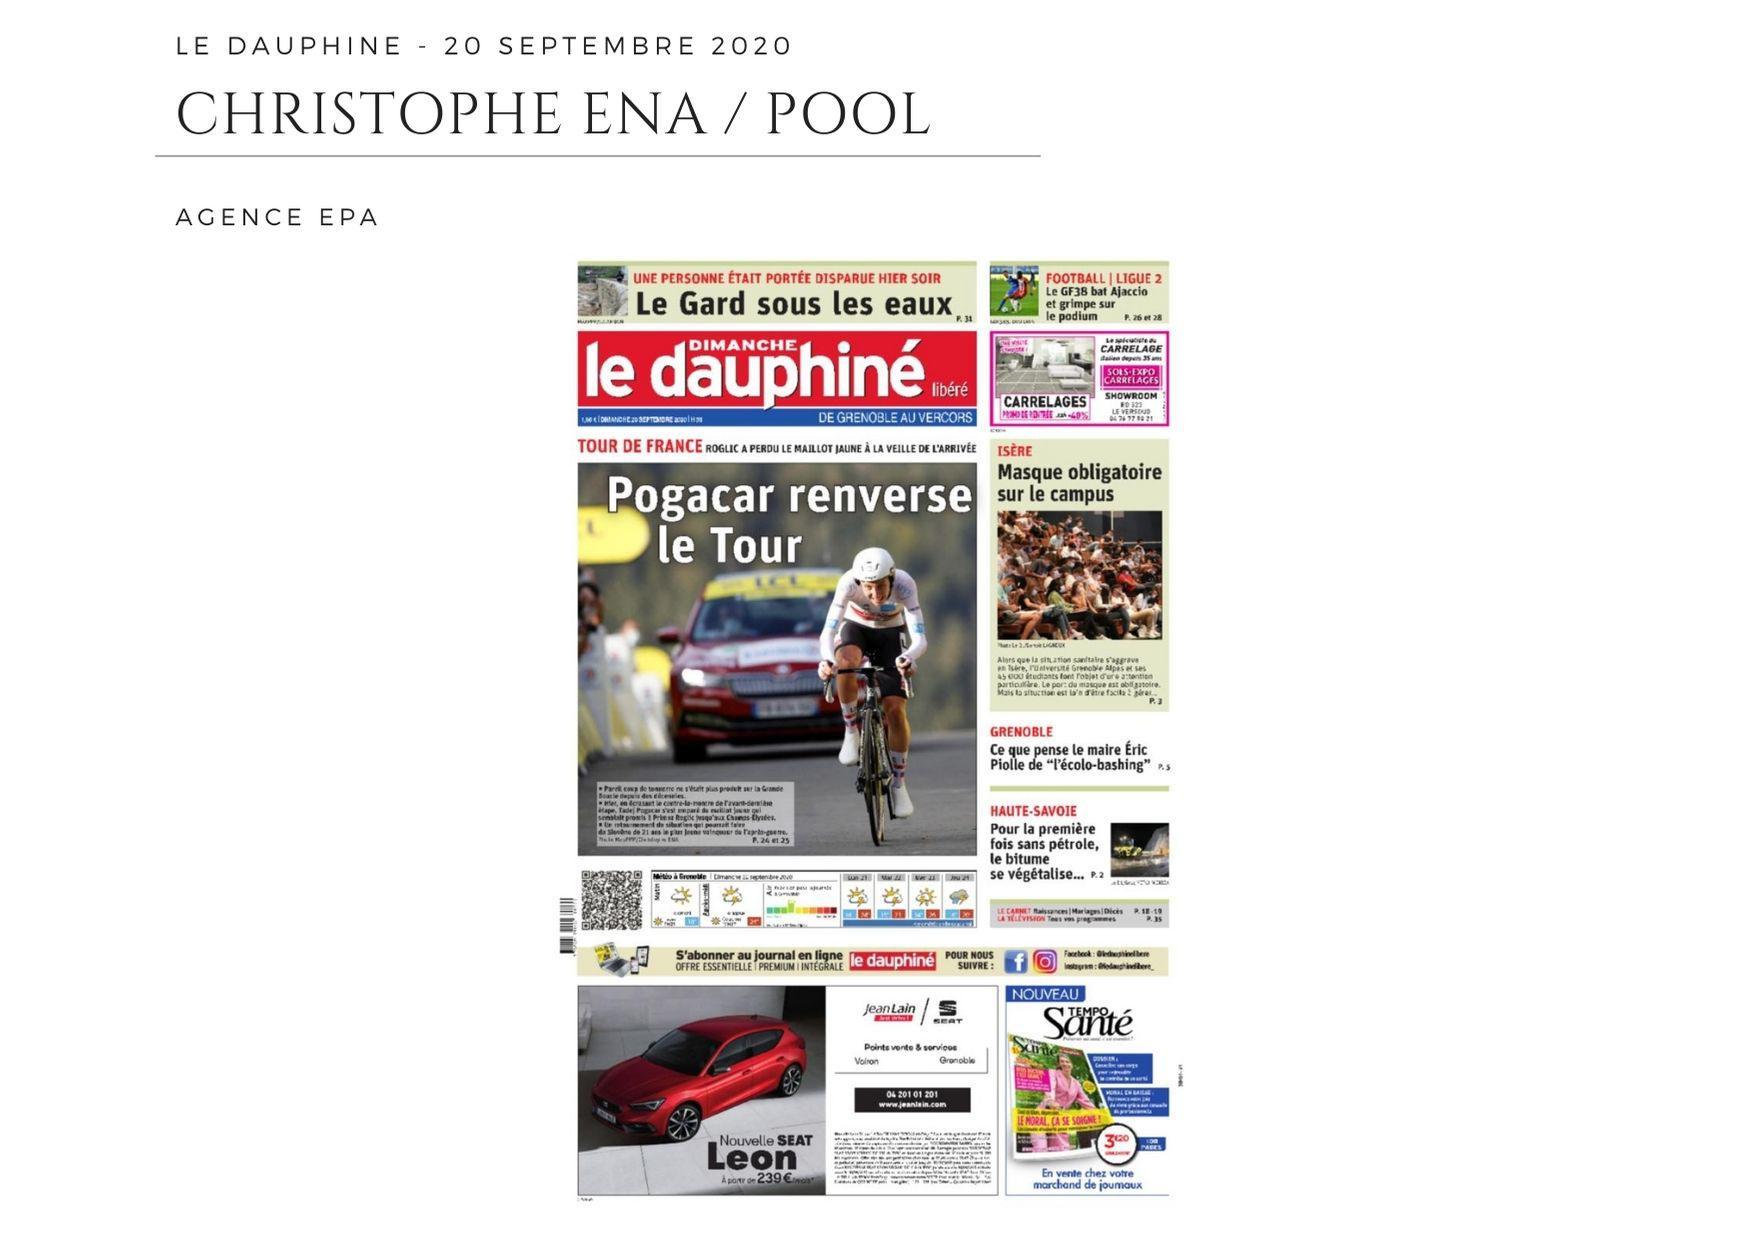 Le Dauphiné - 20 septembre 2020